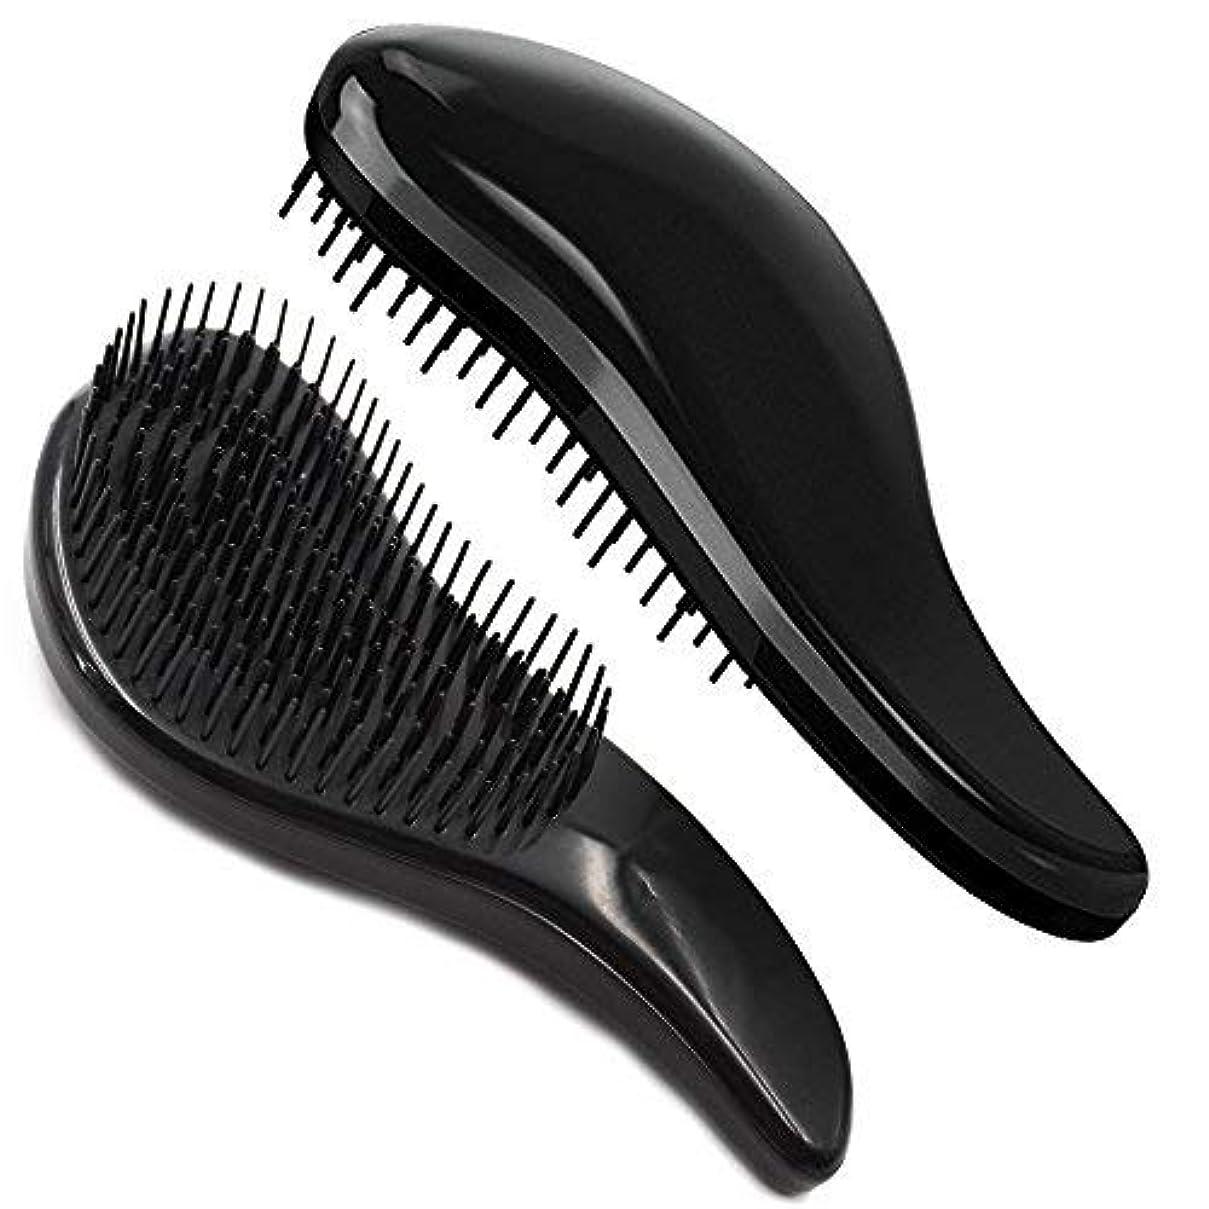 楽しむ再撮り注入するBrush Master Detangler Hair Comb Hair Brush for Wet Hair Curly Hair Straight Hair for Women Men Kids Black [並行輸入品]